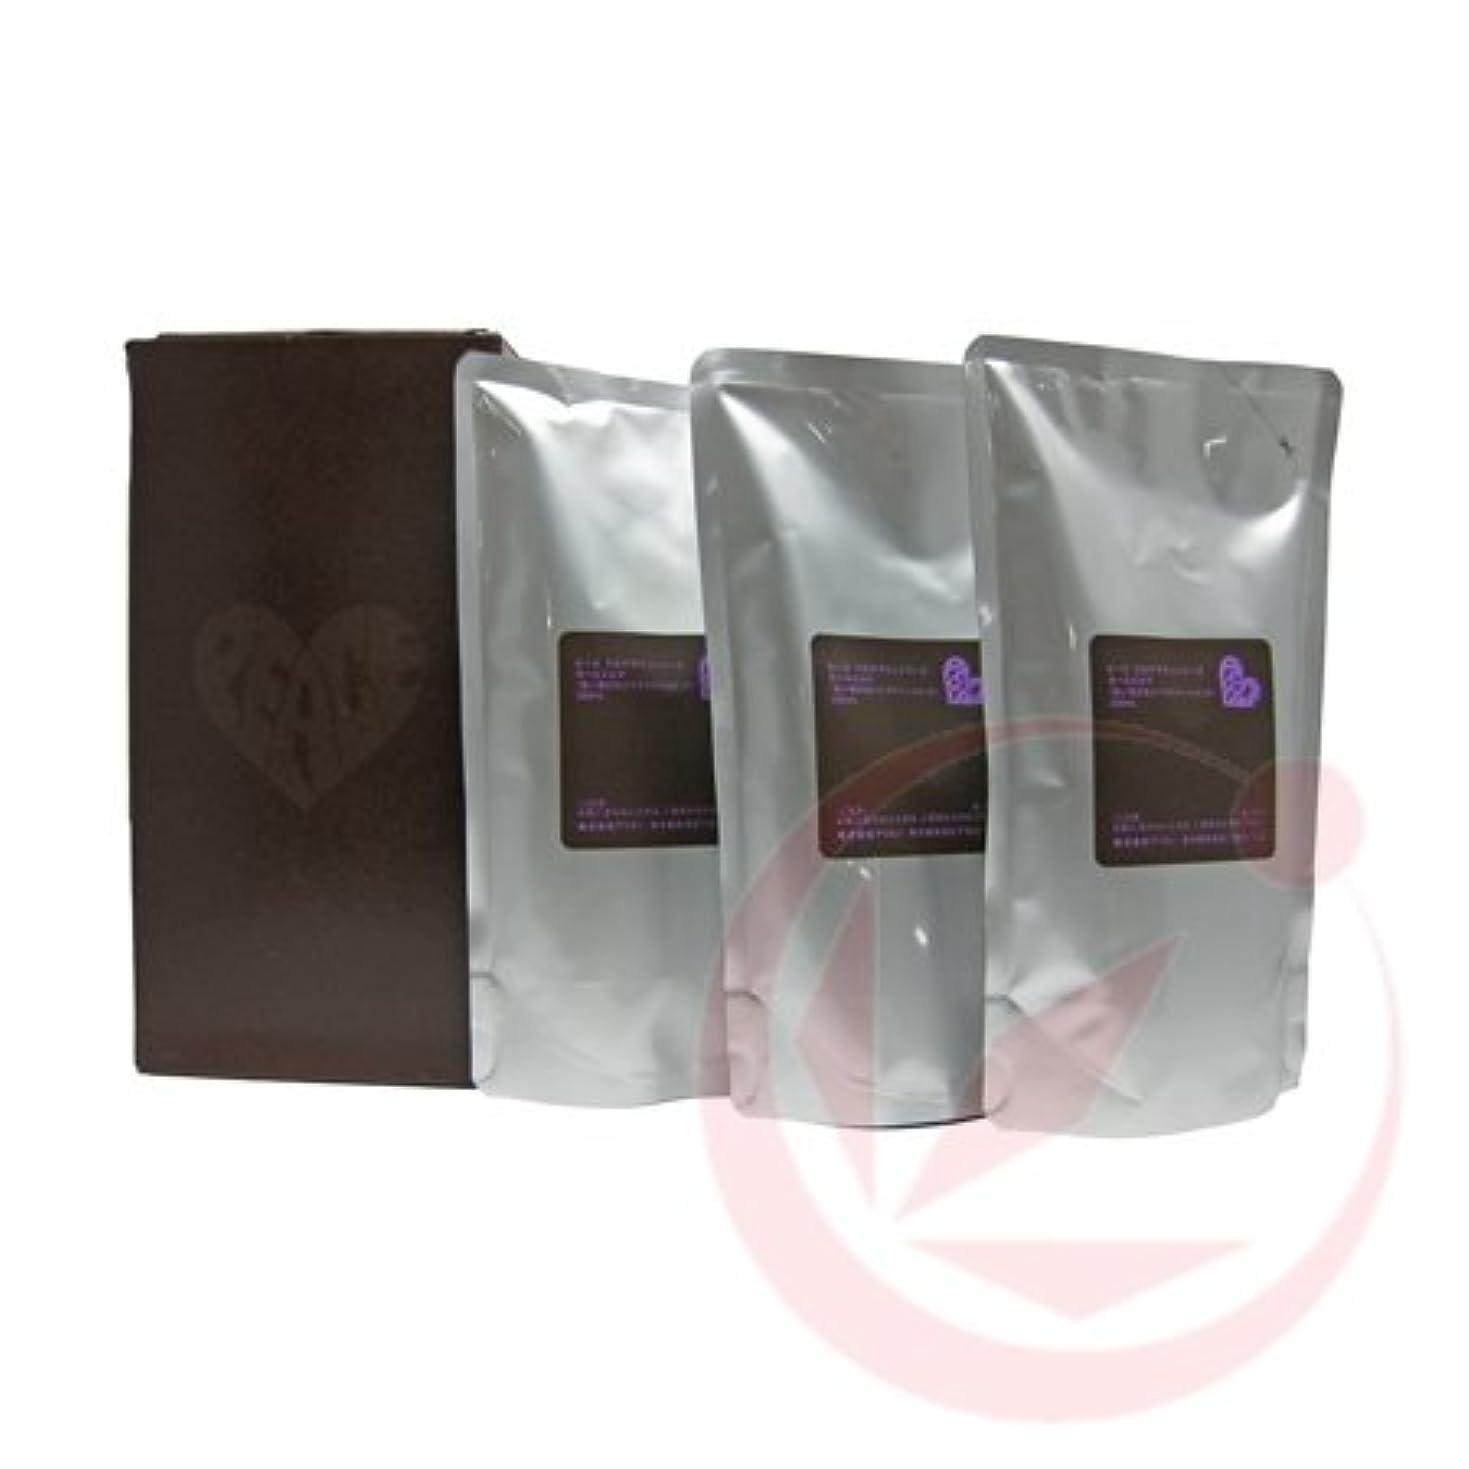 文芸簡単なむさぼり食うアリミノ ピース カールmilk ミルク(チョコ) 200ml(業務?詰替用)×3個入り